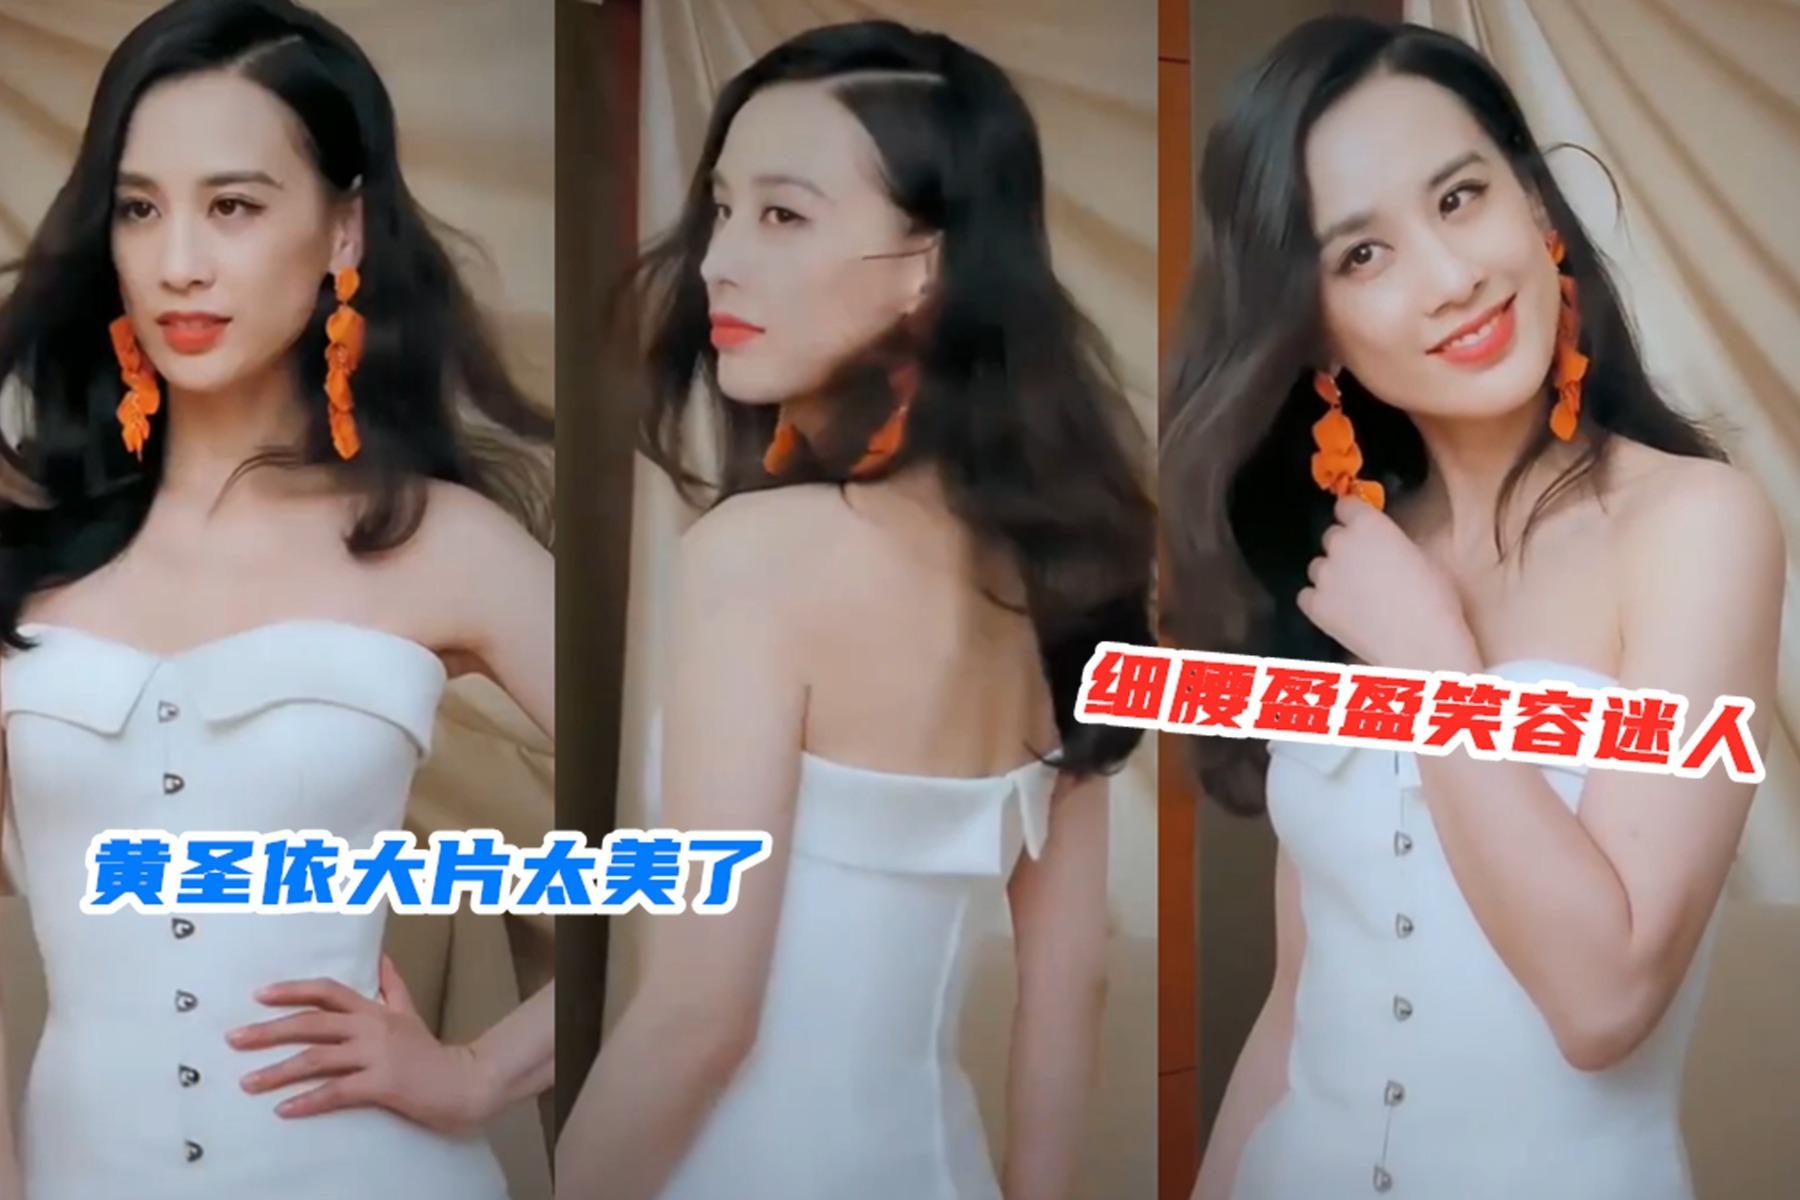 黄圣依穿白色修身裙拍大片,细腰盈盈美背养眼,回眸一笑似仙女